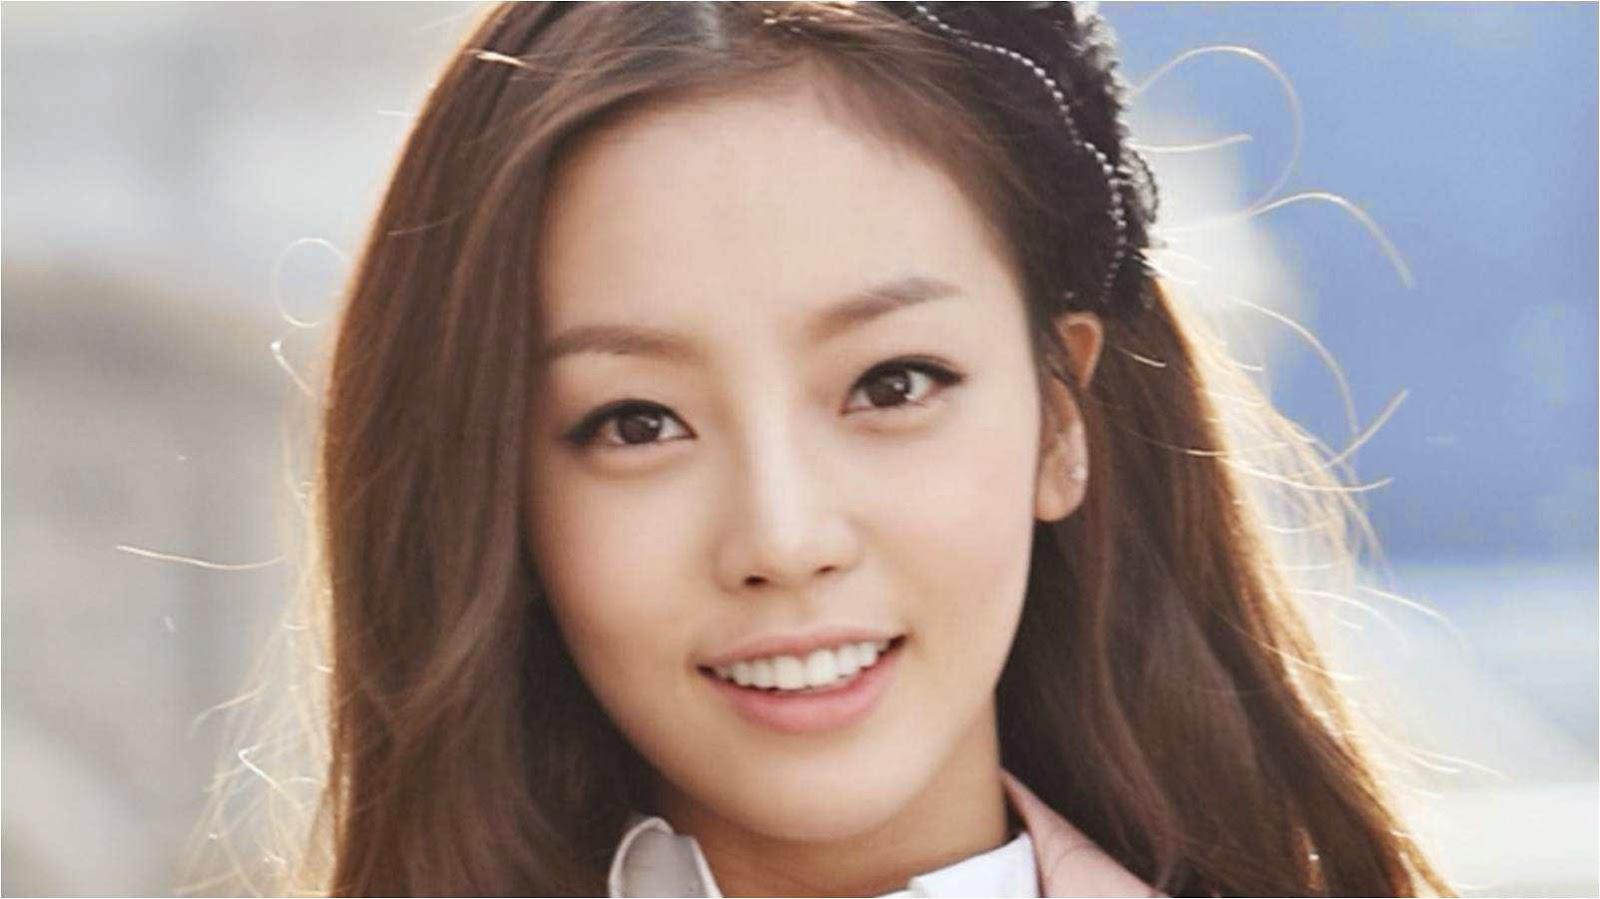 Khuôn mặt nhỏ gọn, thanh tú khiến sao Hàn xinh đẹp và rạng rỡ hơn